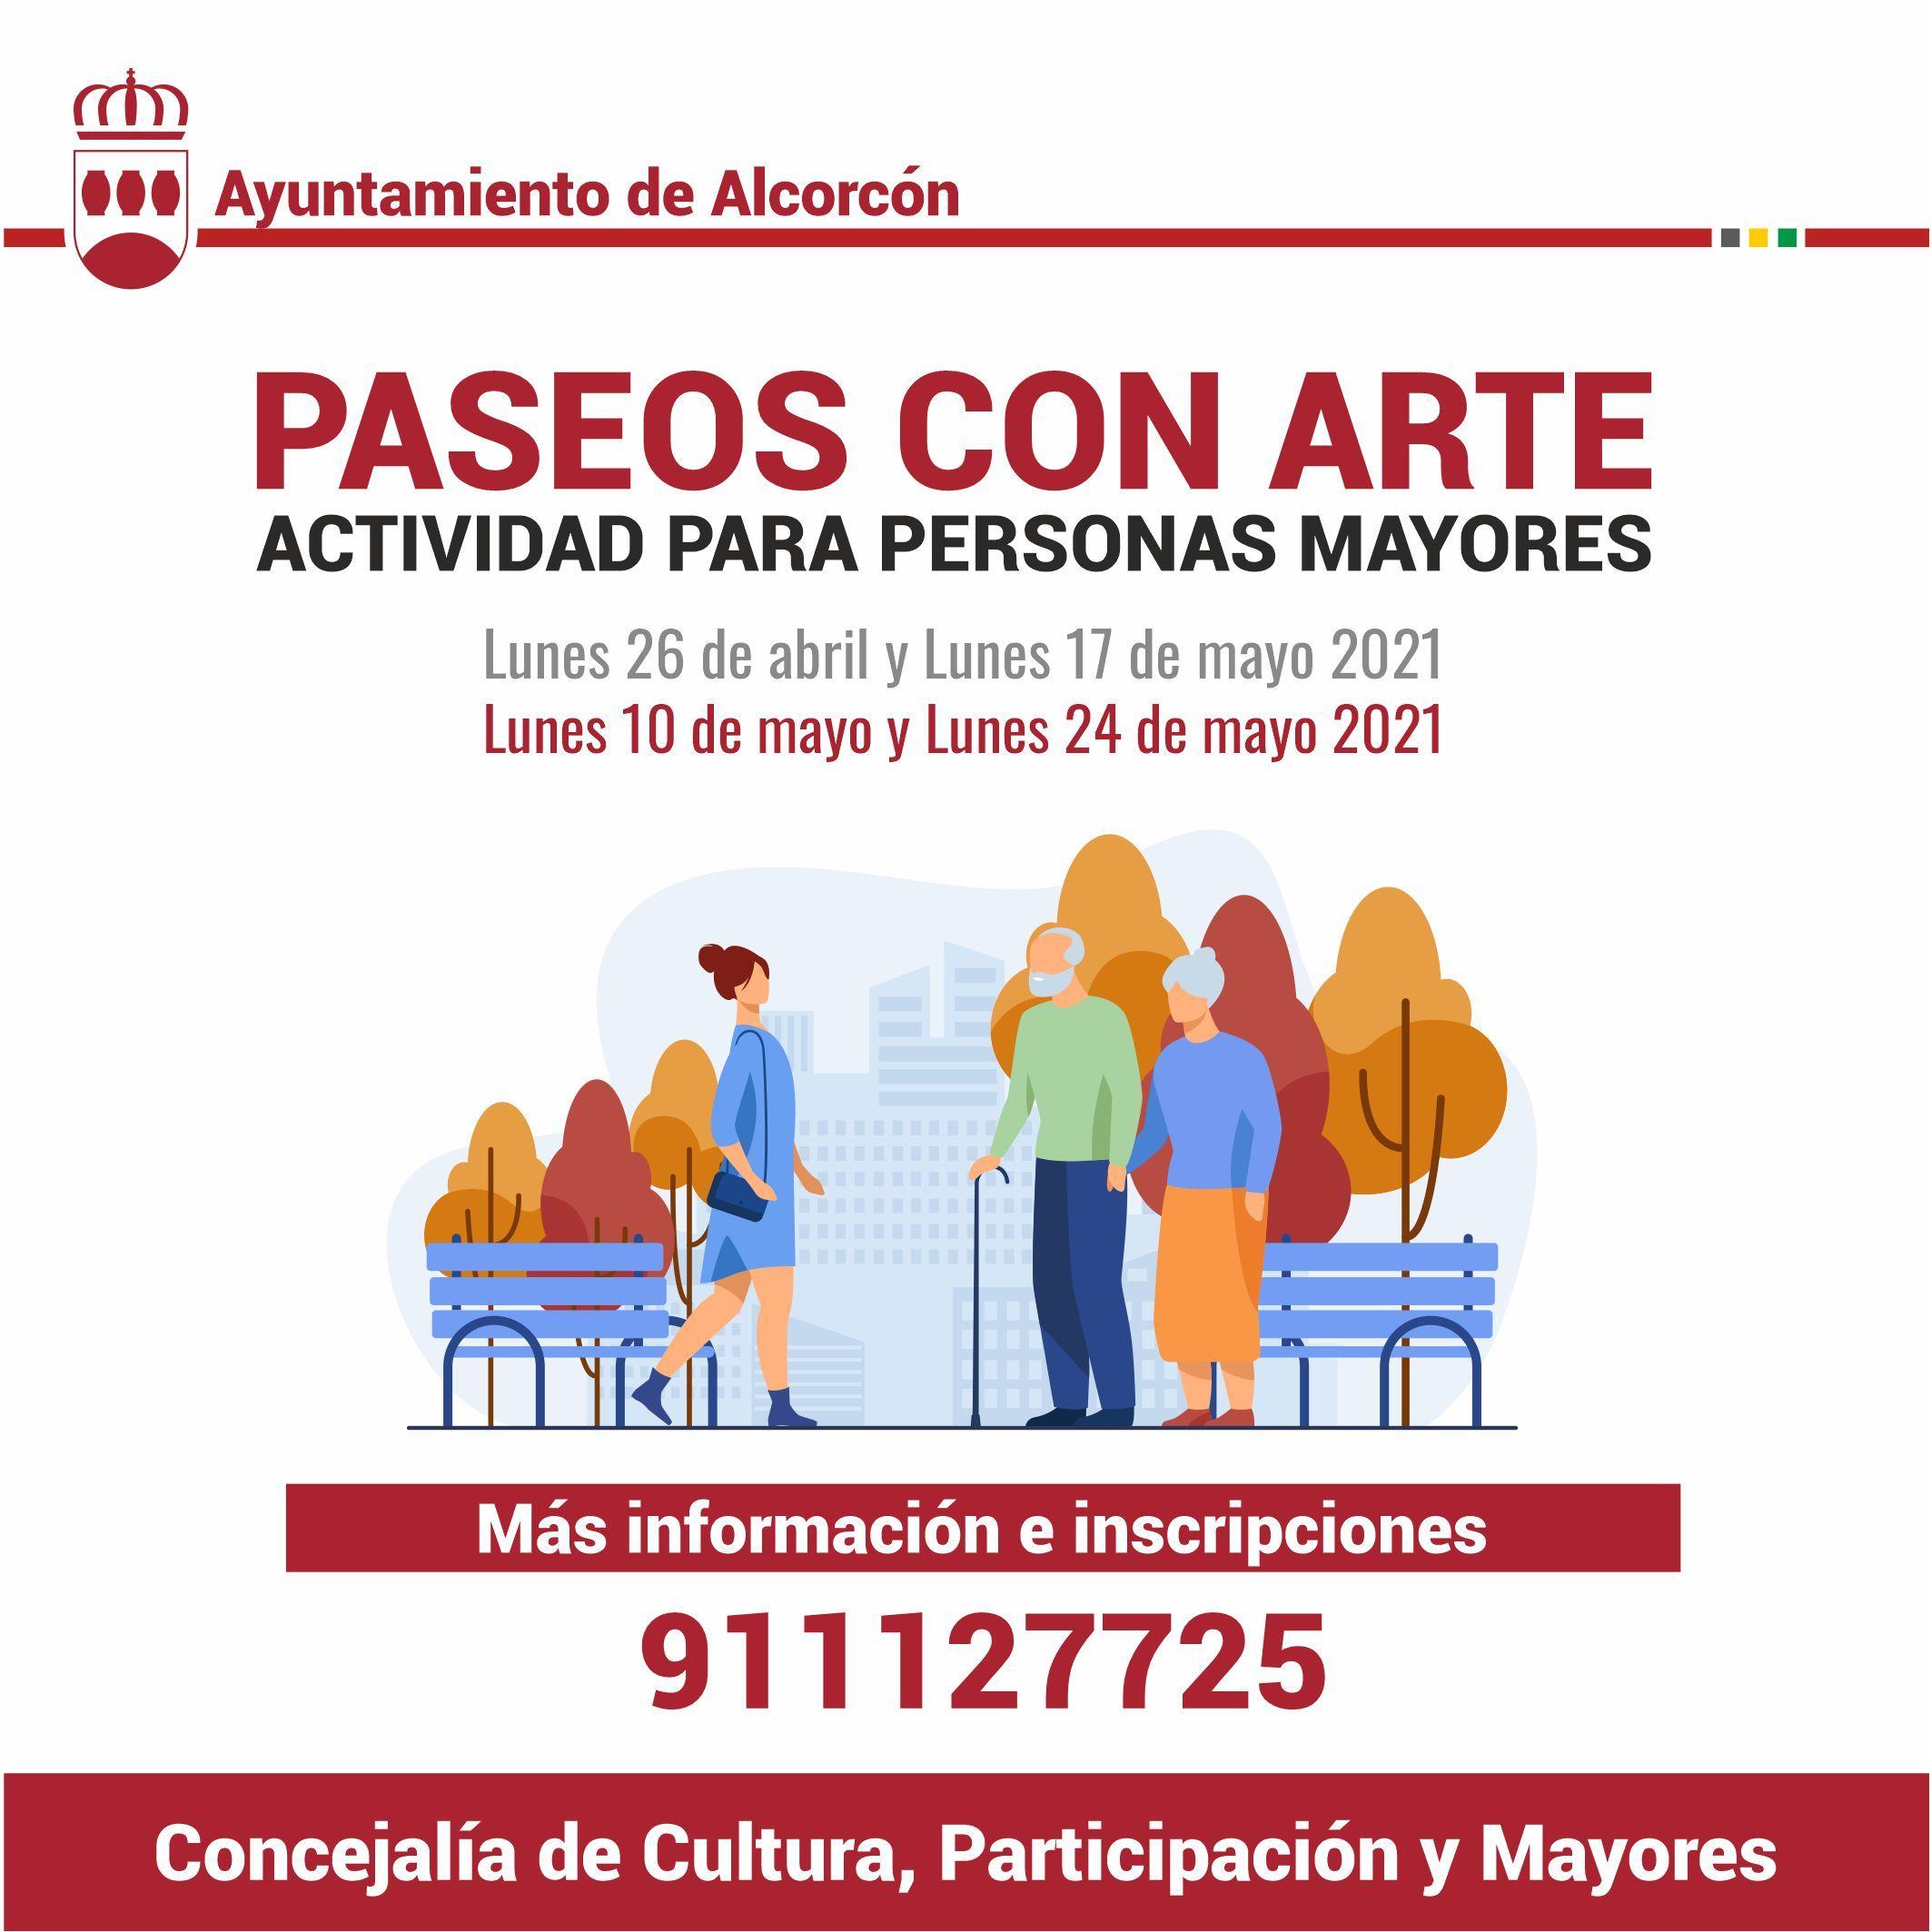 Paseos con arte para los mayores en Alcorcón